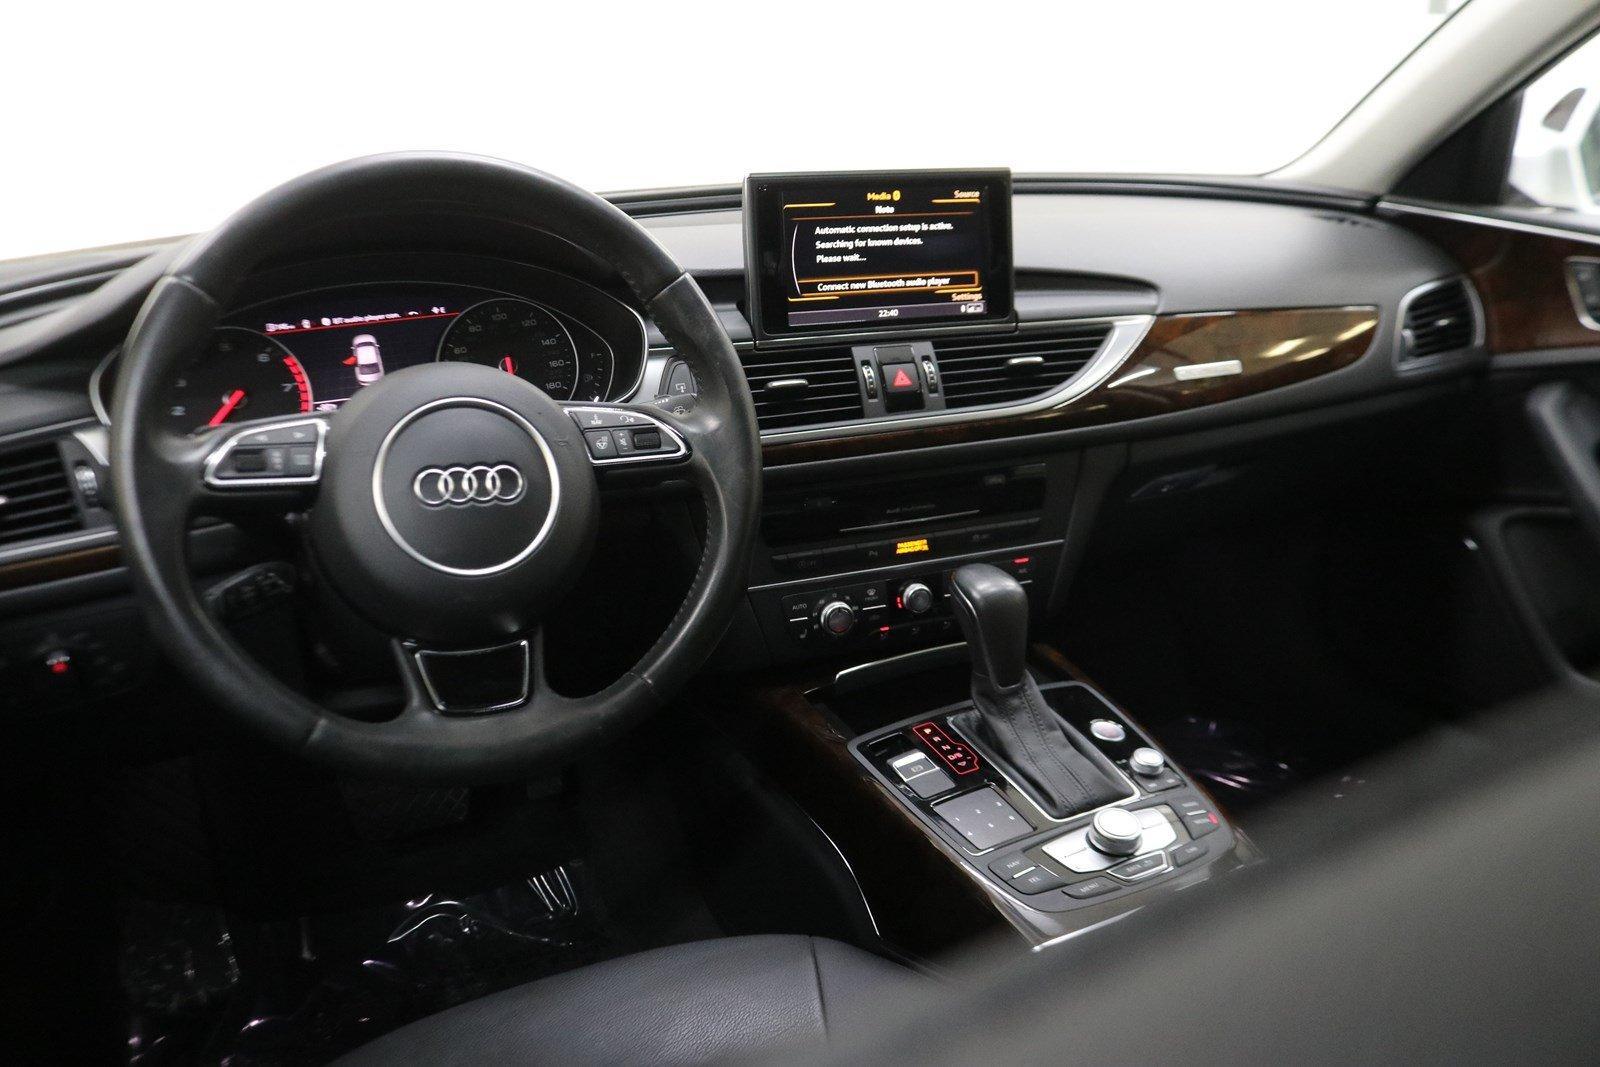 Gravity Autos Marietta >> 2016 Audi A6 3.0T Premium Plus Stock # 004475 for sale ...